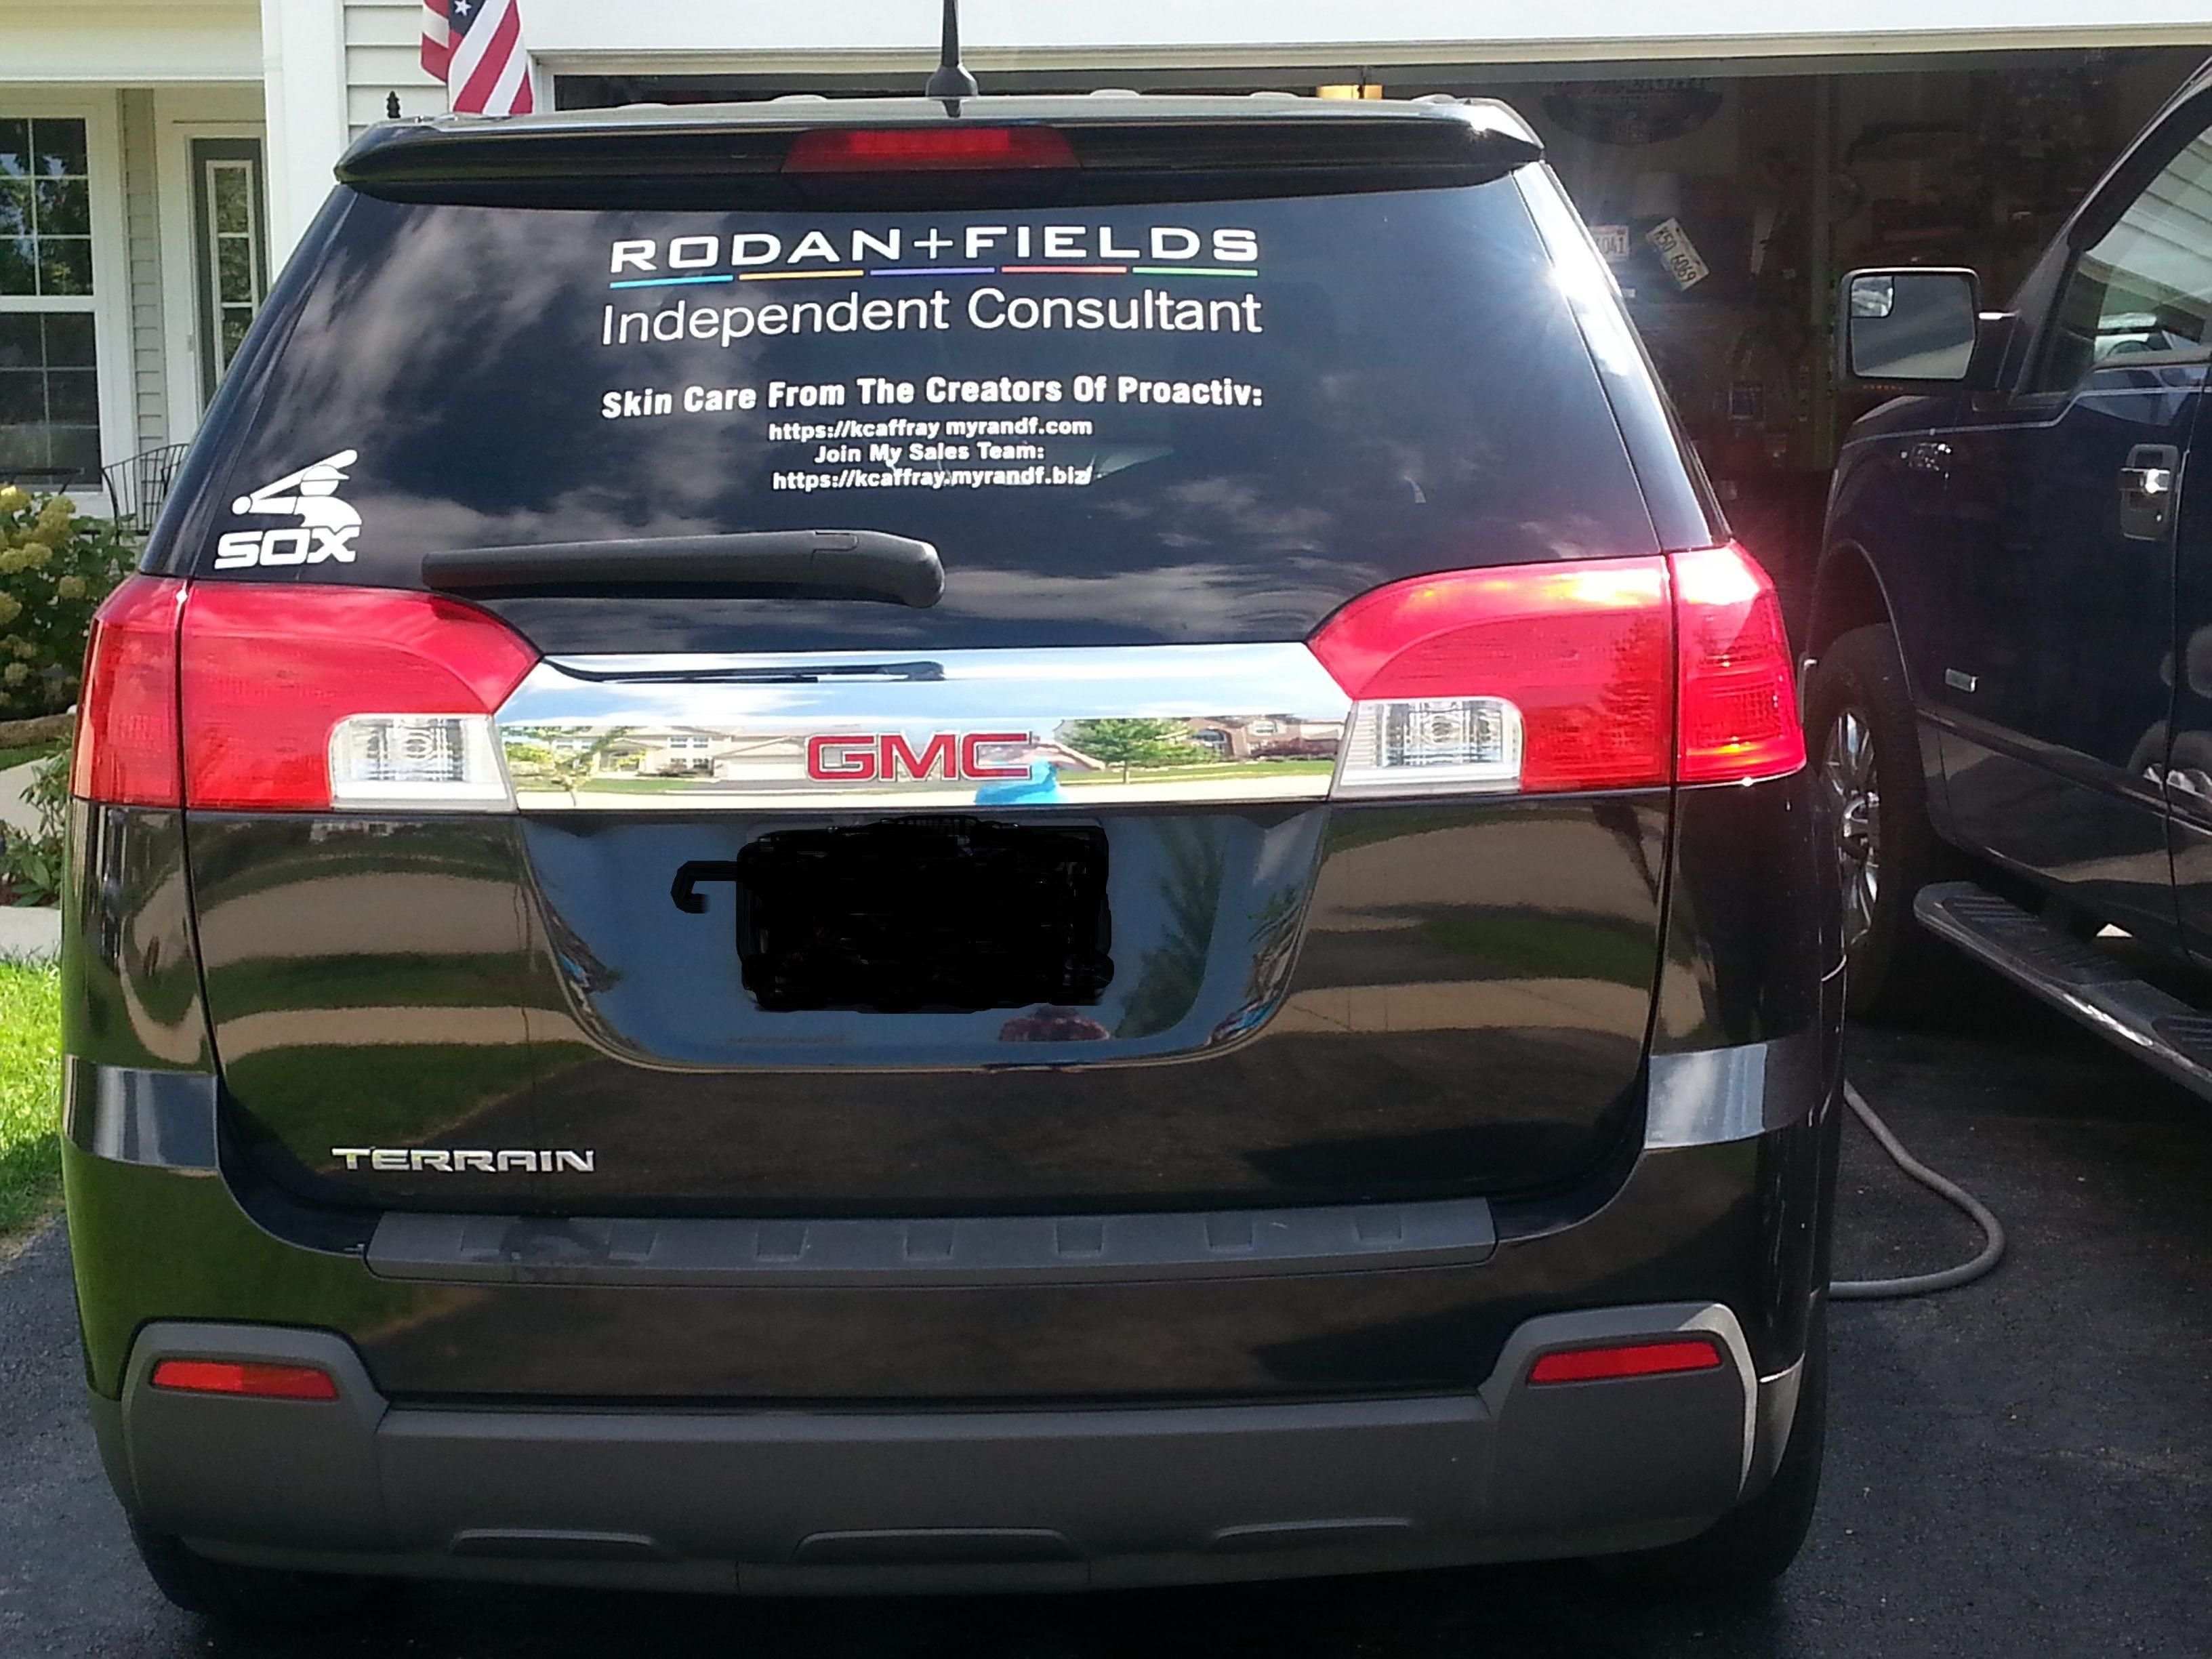 Car Window Decal To Promote My RF Business ACDurbanmyRandFcom - Business car window sticker